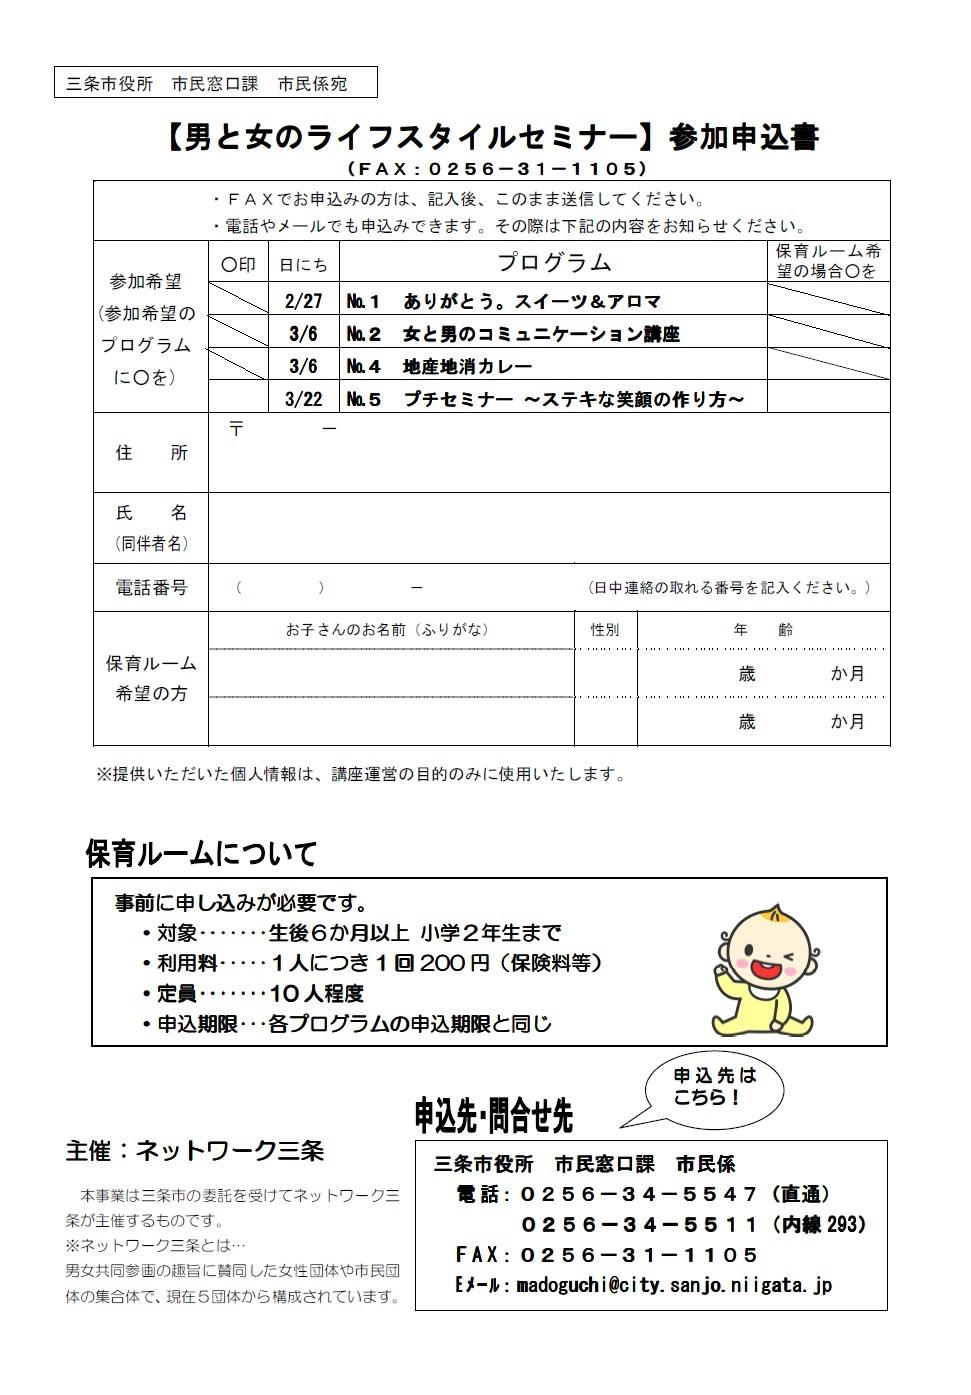 sanjo_20160304-02